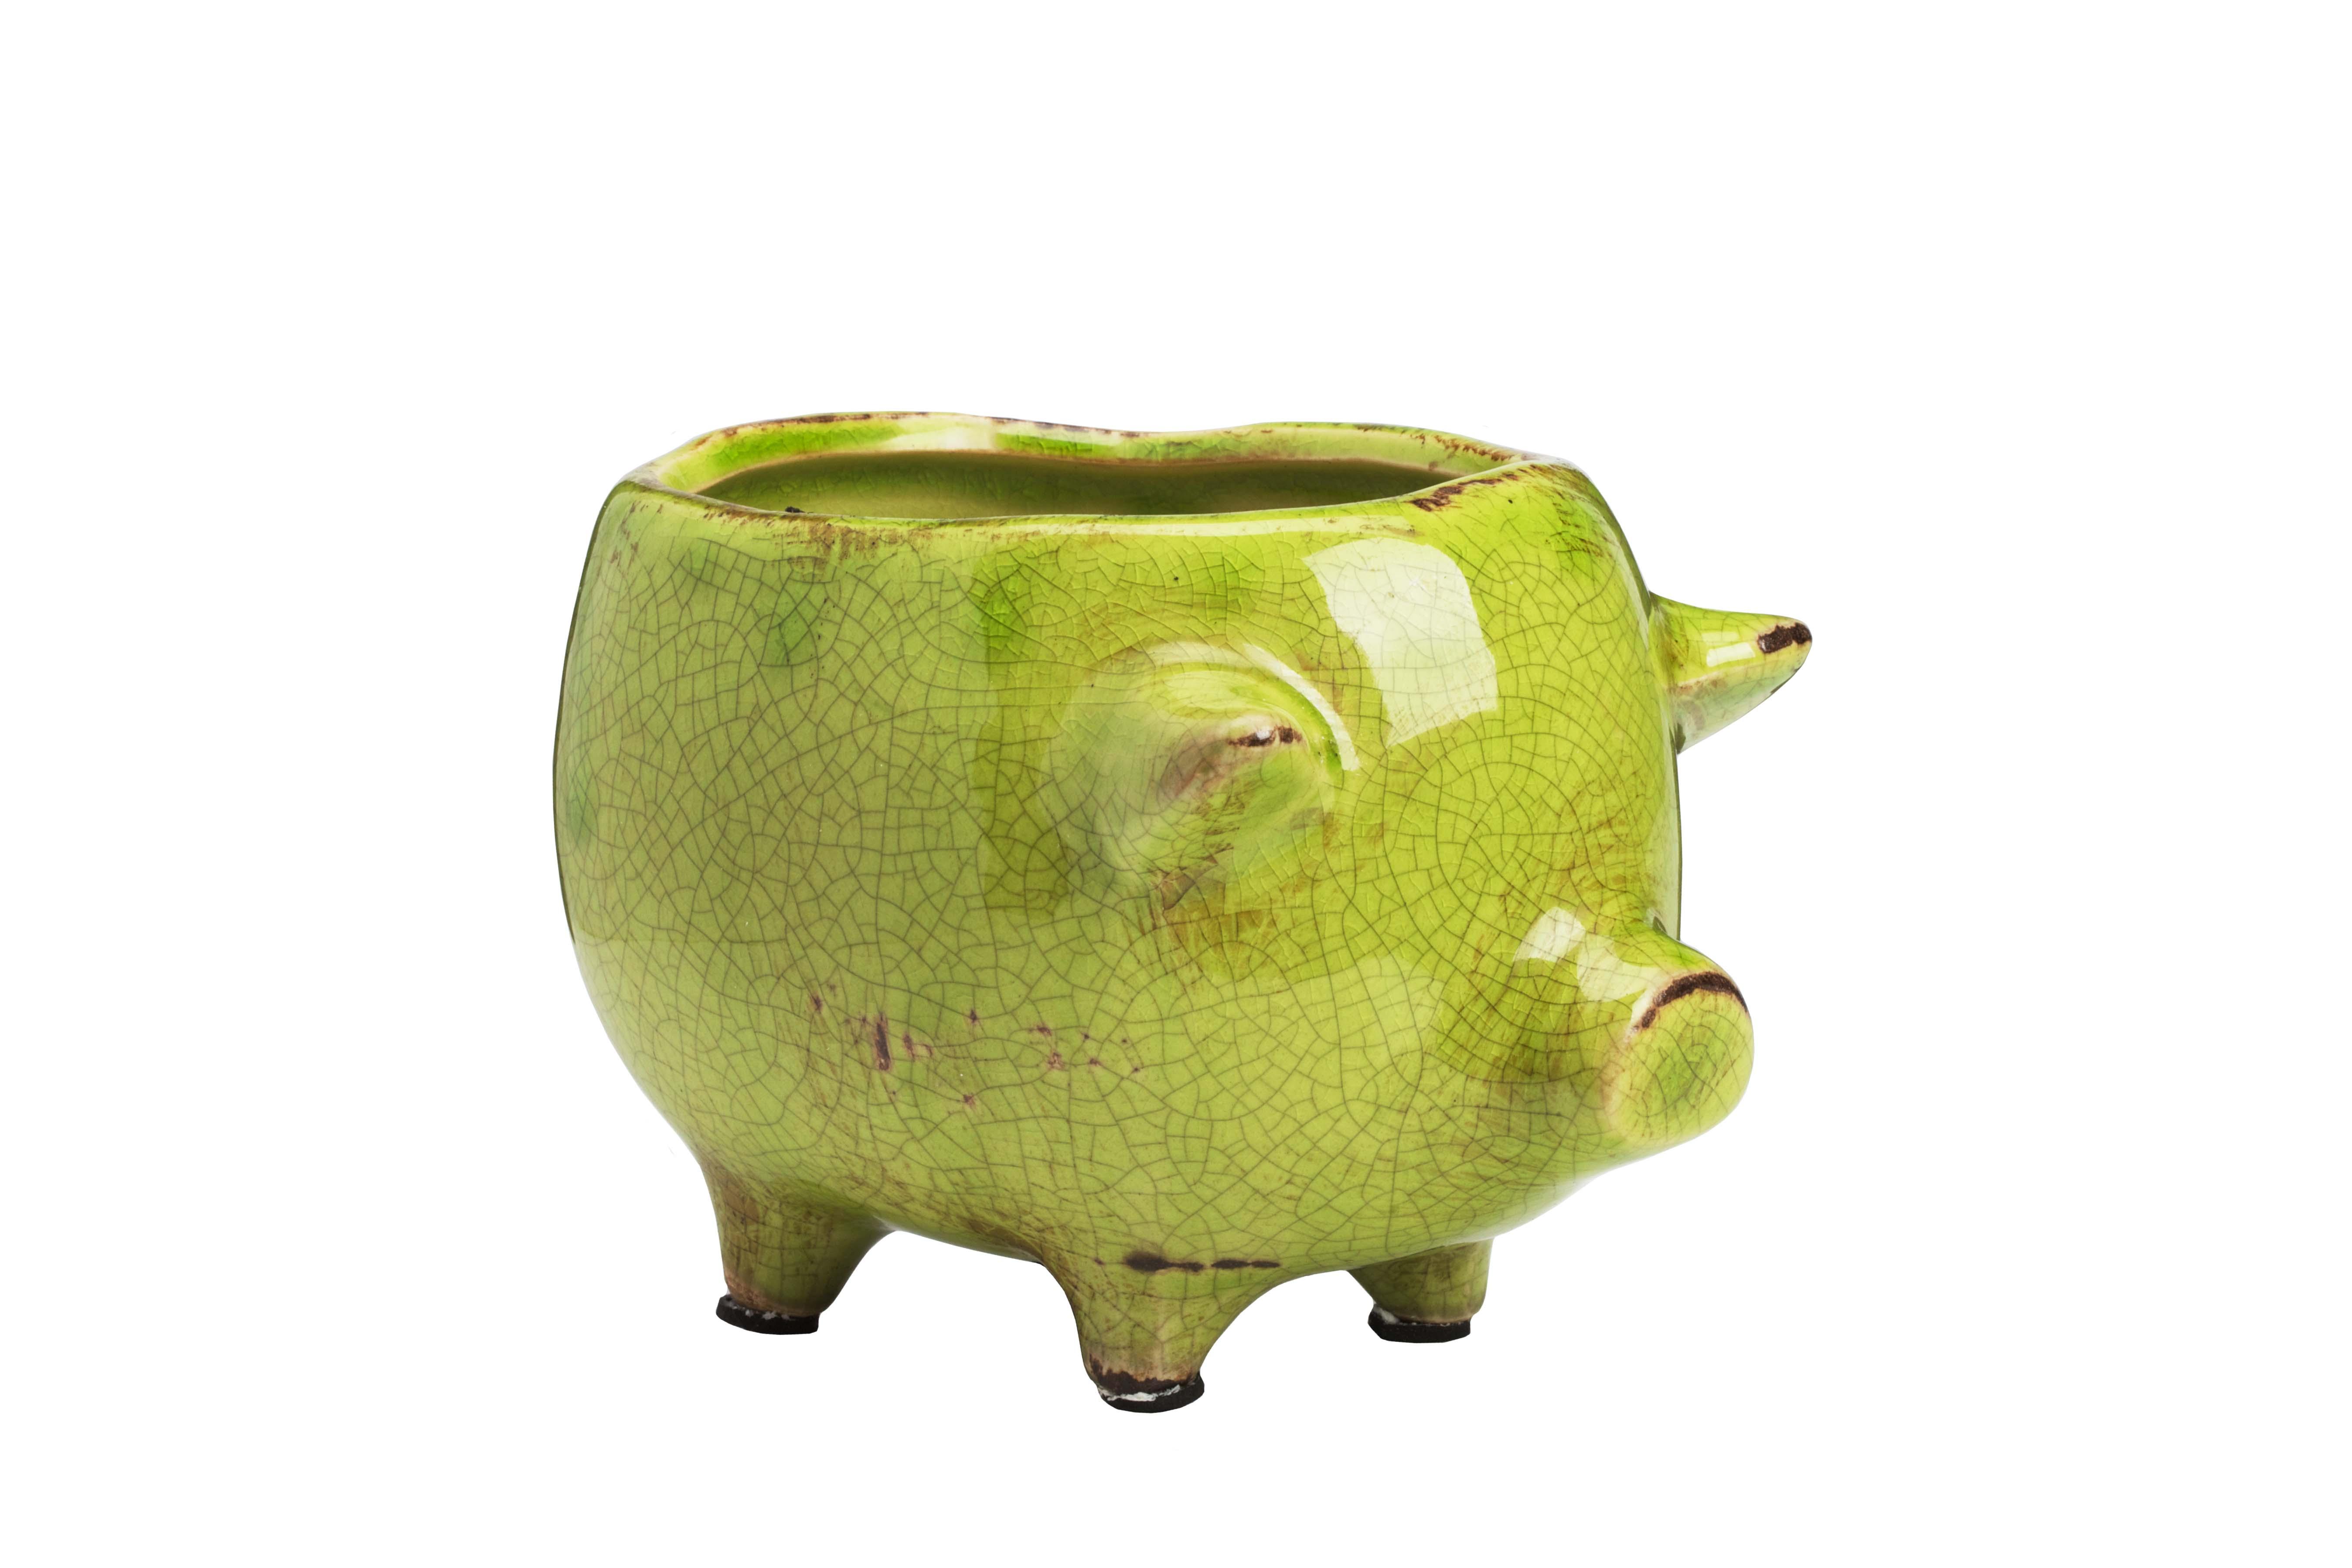 DG Цветочный горшок Pig Planter кашпо для цветов ive planter keter 17196813